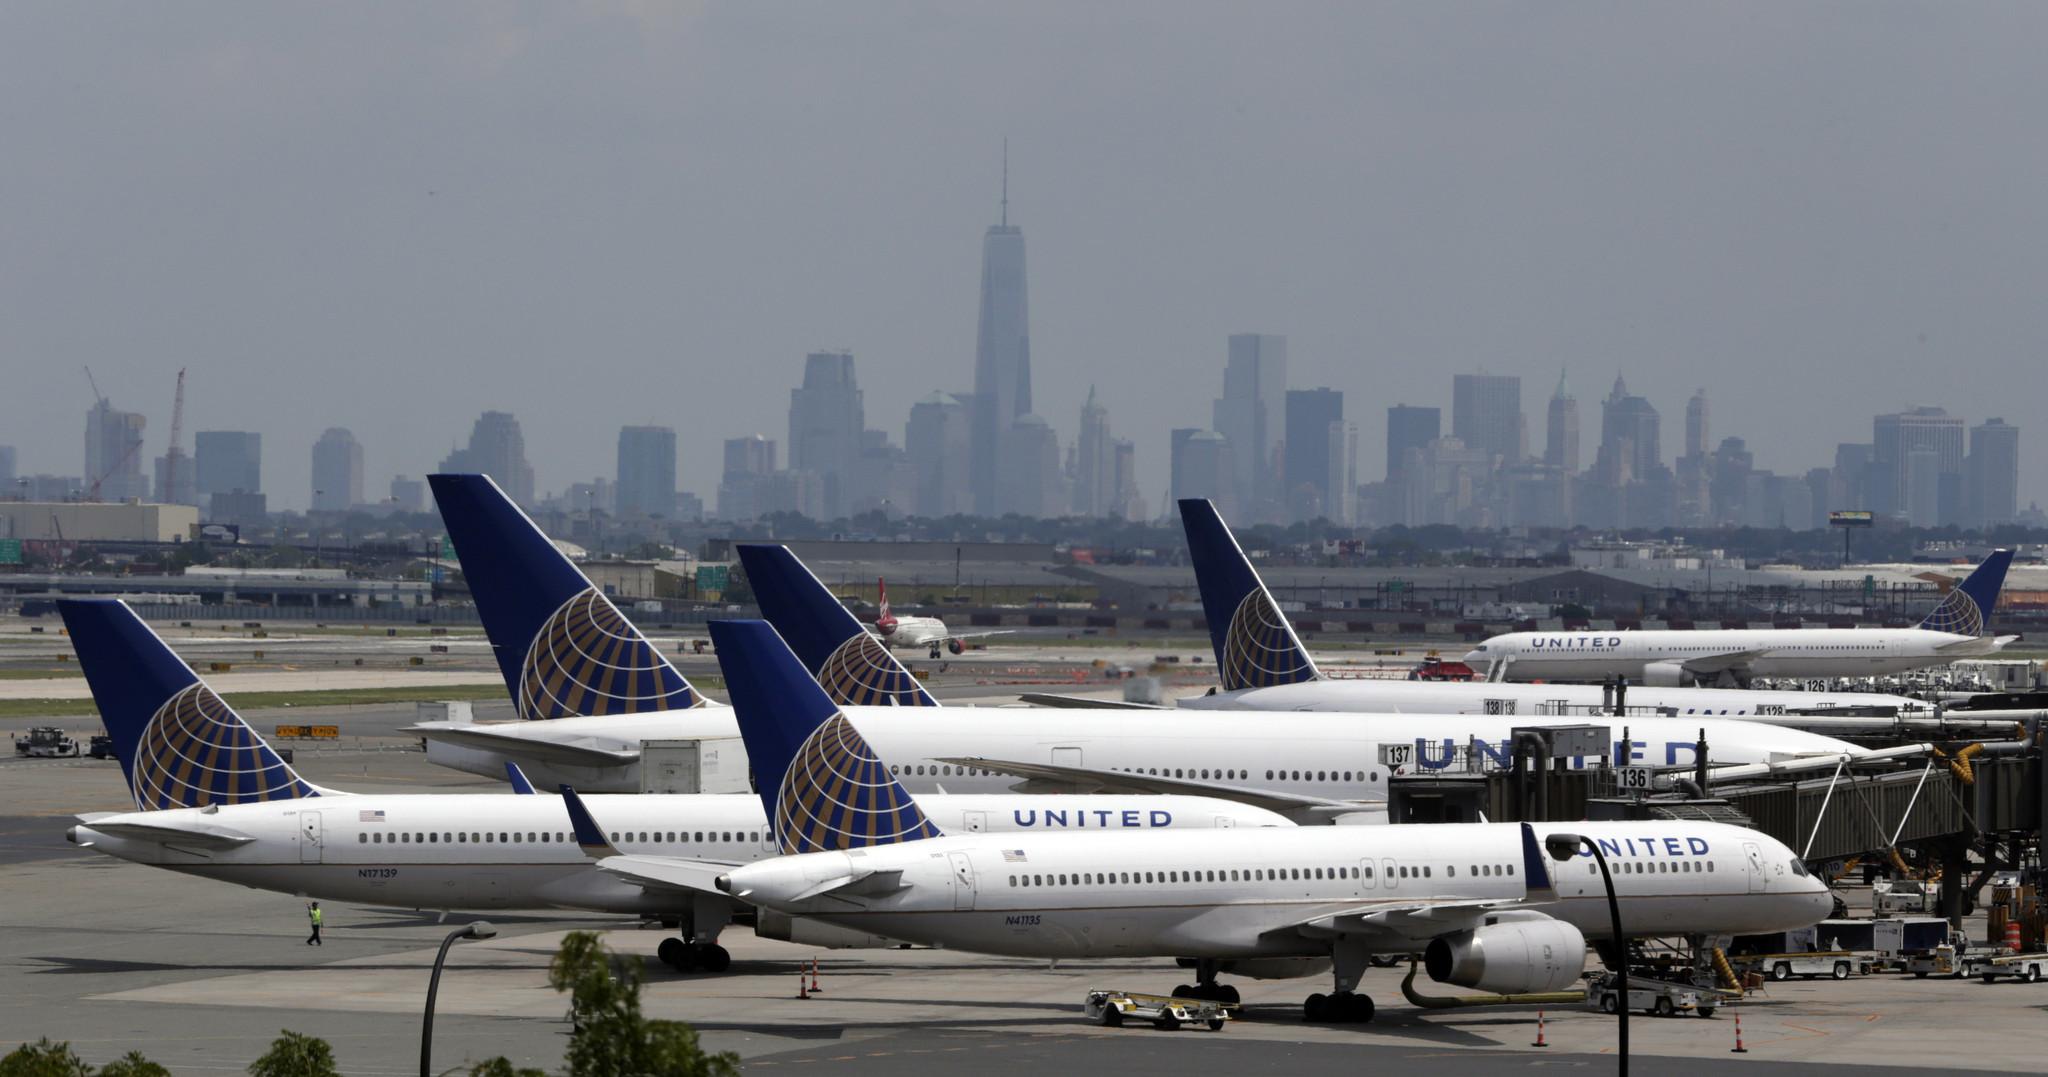 United Airlines reanuda vuelos tras falla informática - Hoy